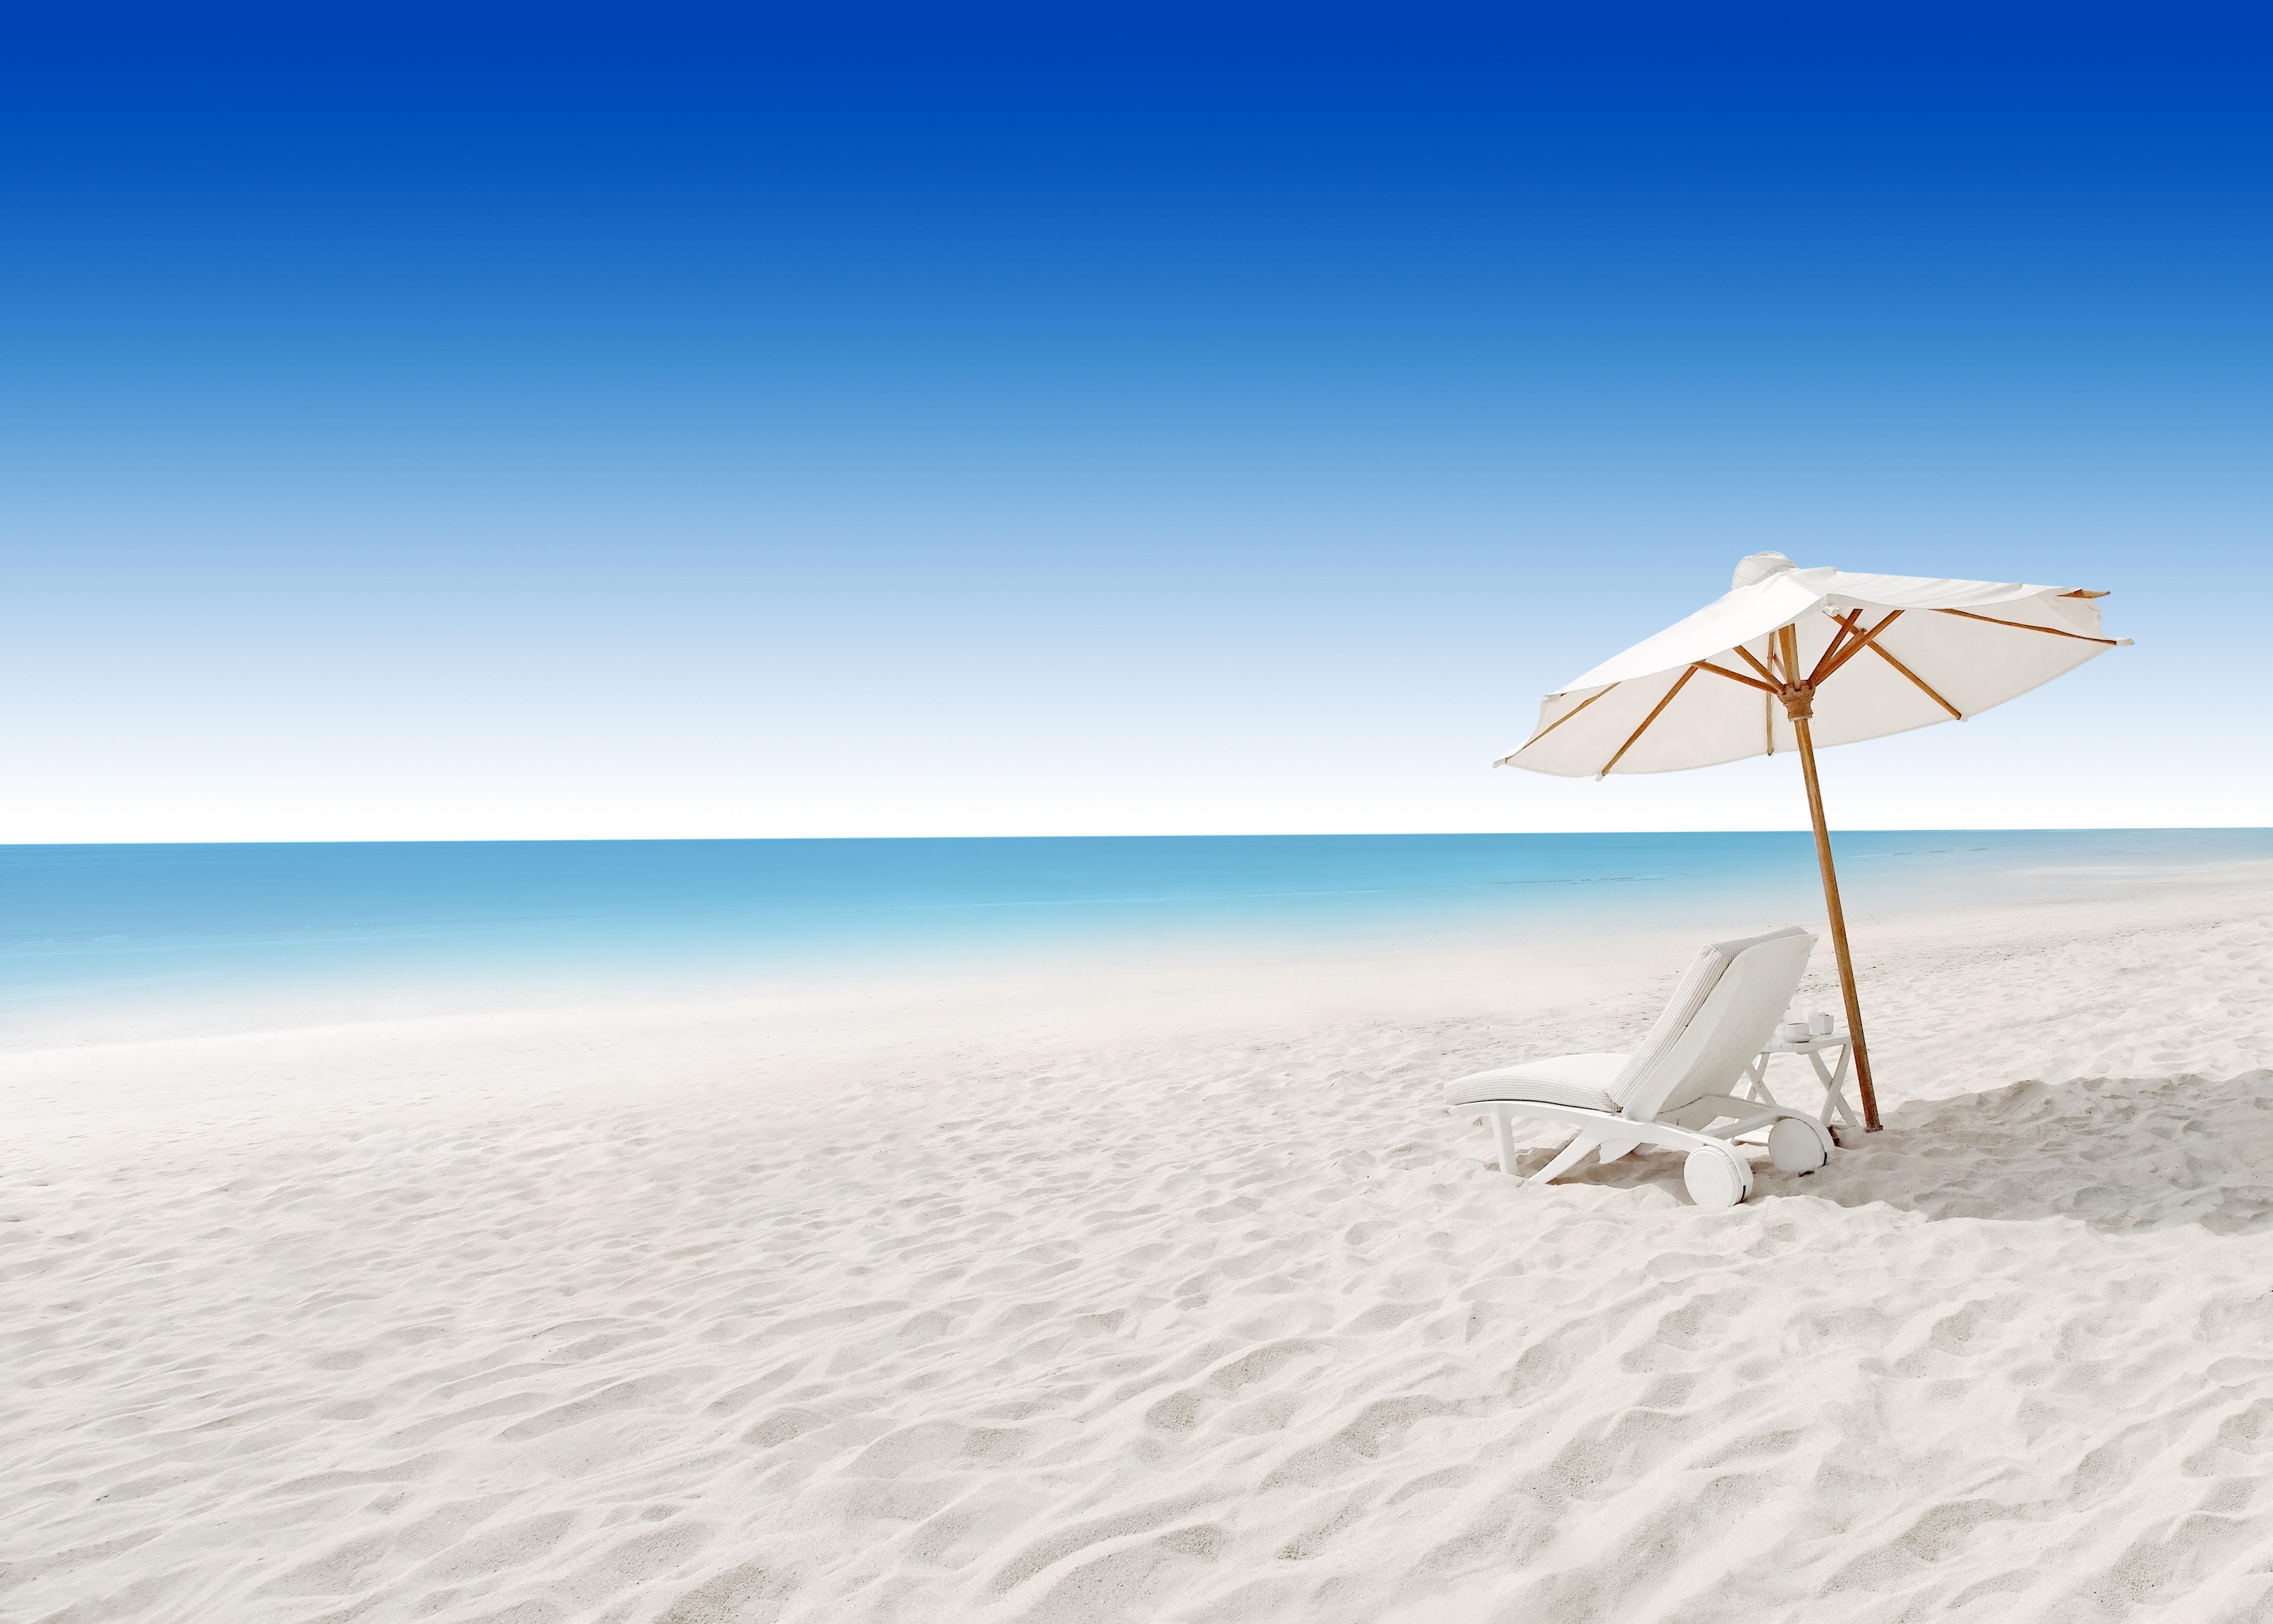 Пляж с желтыми зонтами  № 1497435 загрузить